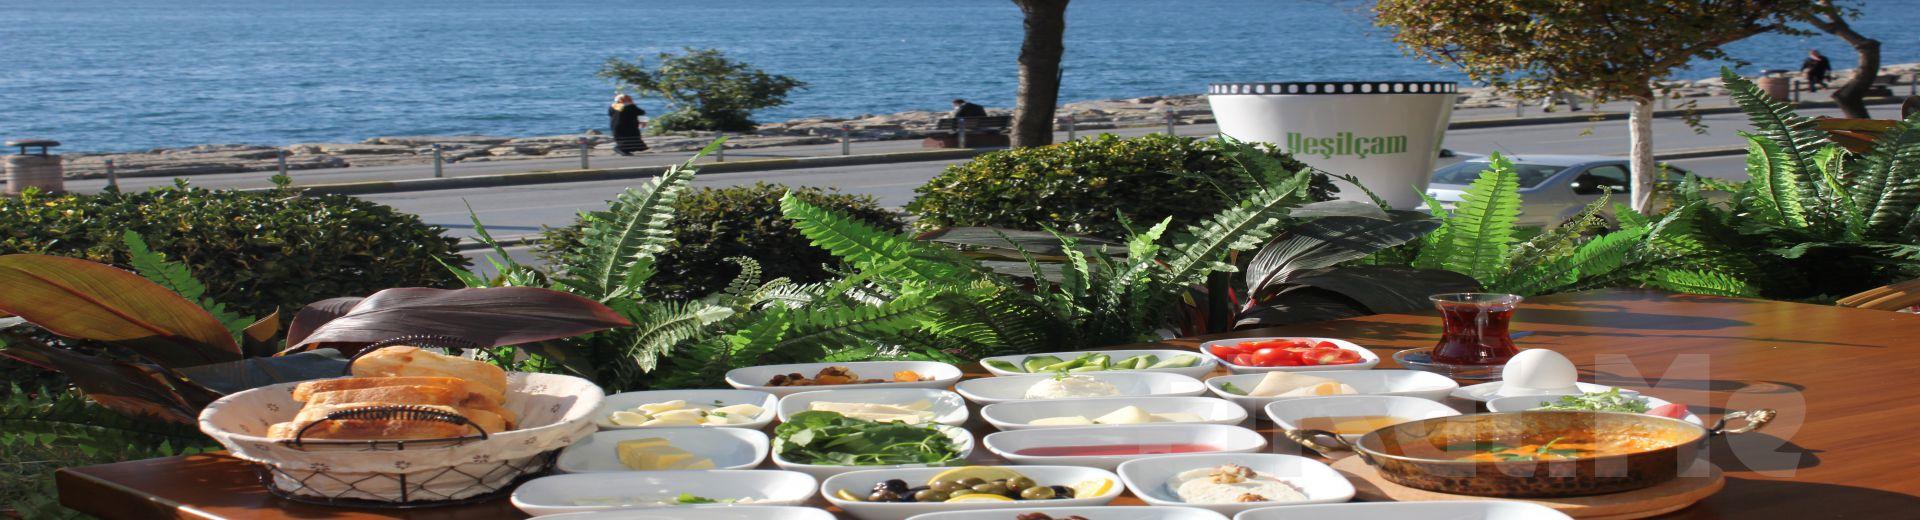 Salacak Yeşilçam Cafe'de Enfes Boğaz Manzarası Eşliğinde Serpme Kahvaltı Keyfi!